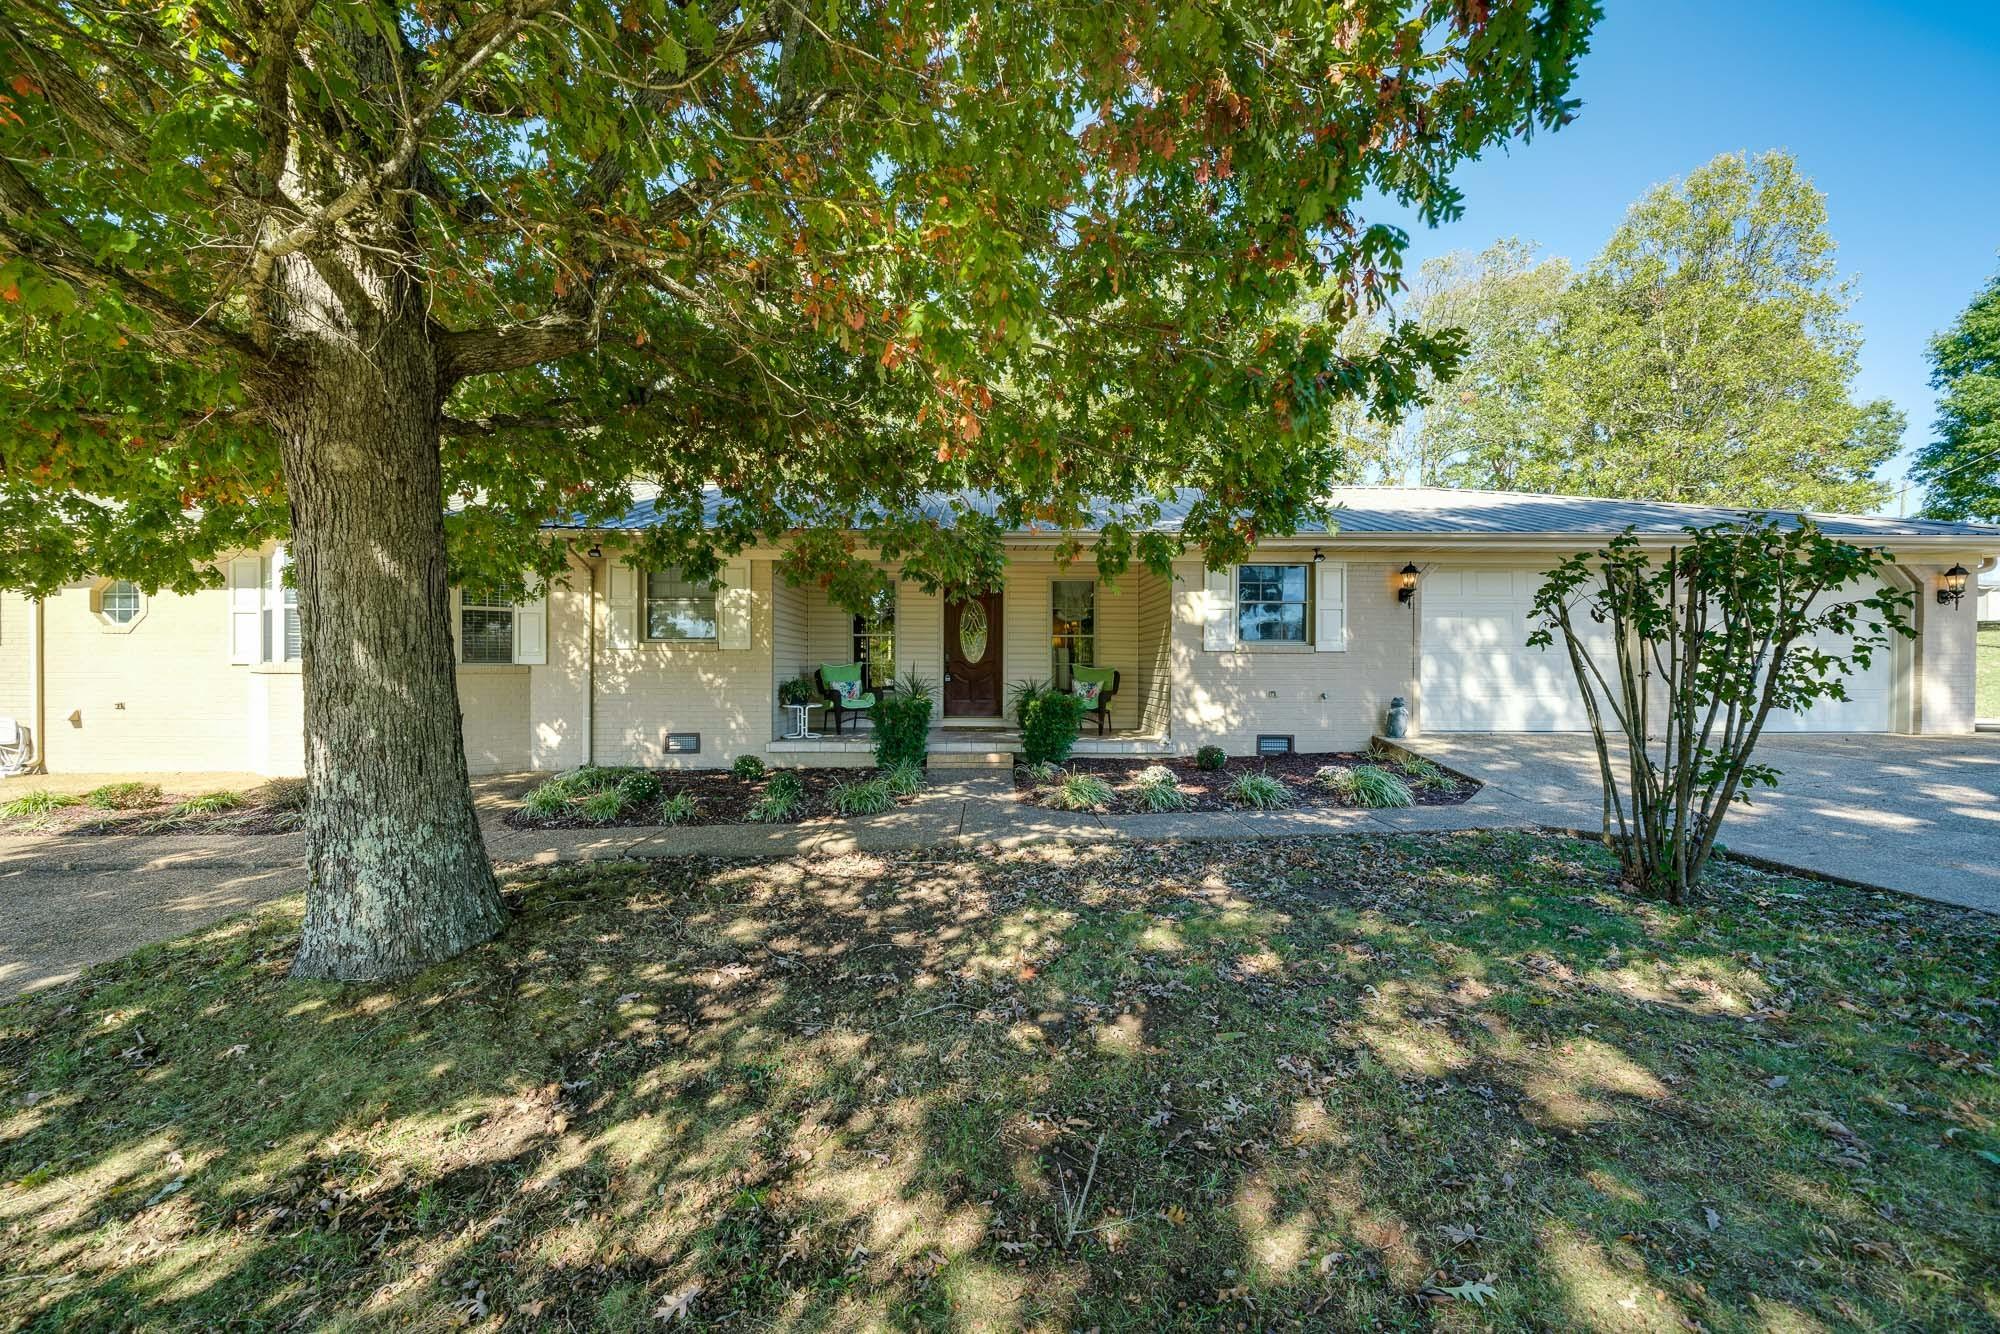 145 Little Fall St, Spencer, TN 38585 - Spencer, TN real estate listing